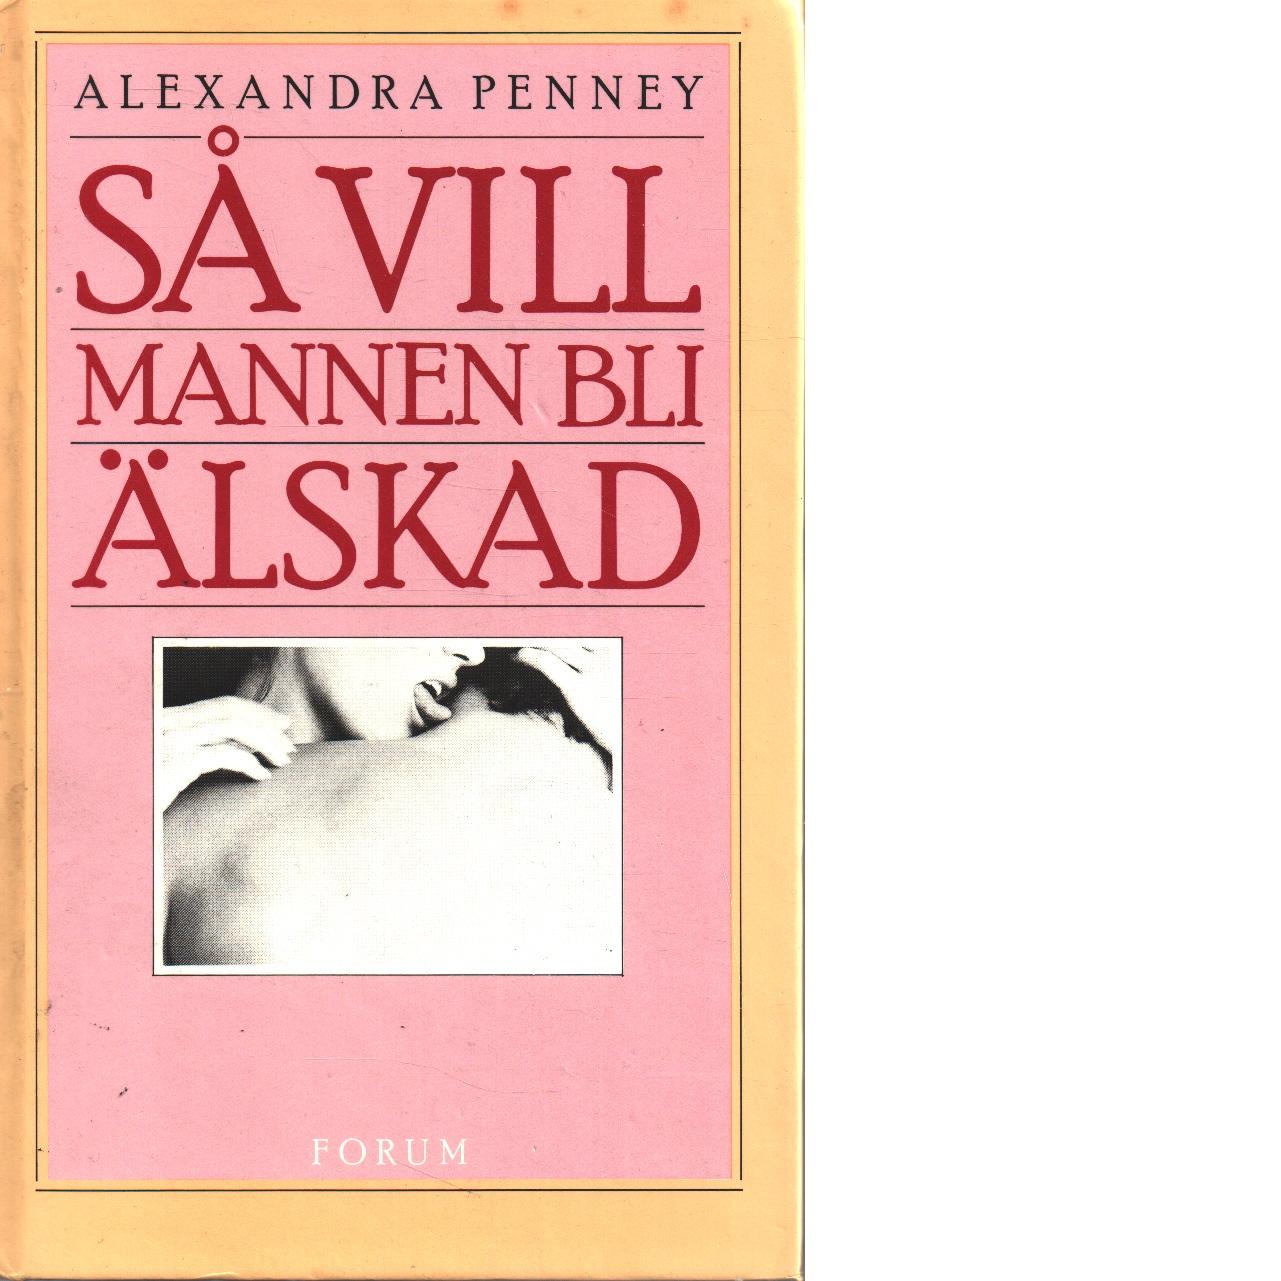 SÅ VILL MANNEN BLI ÄLSKAD - Penney, Alexandra